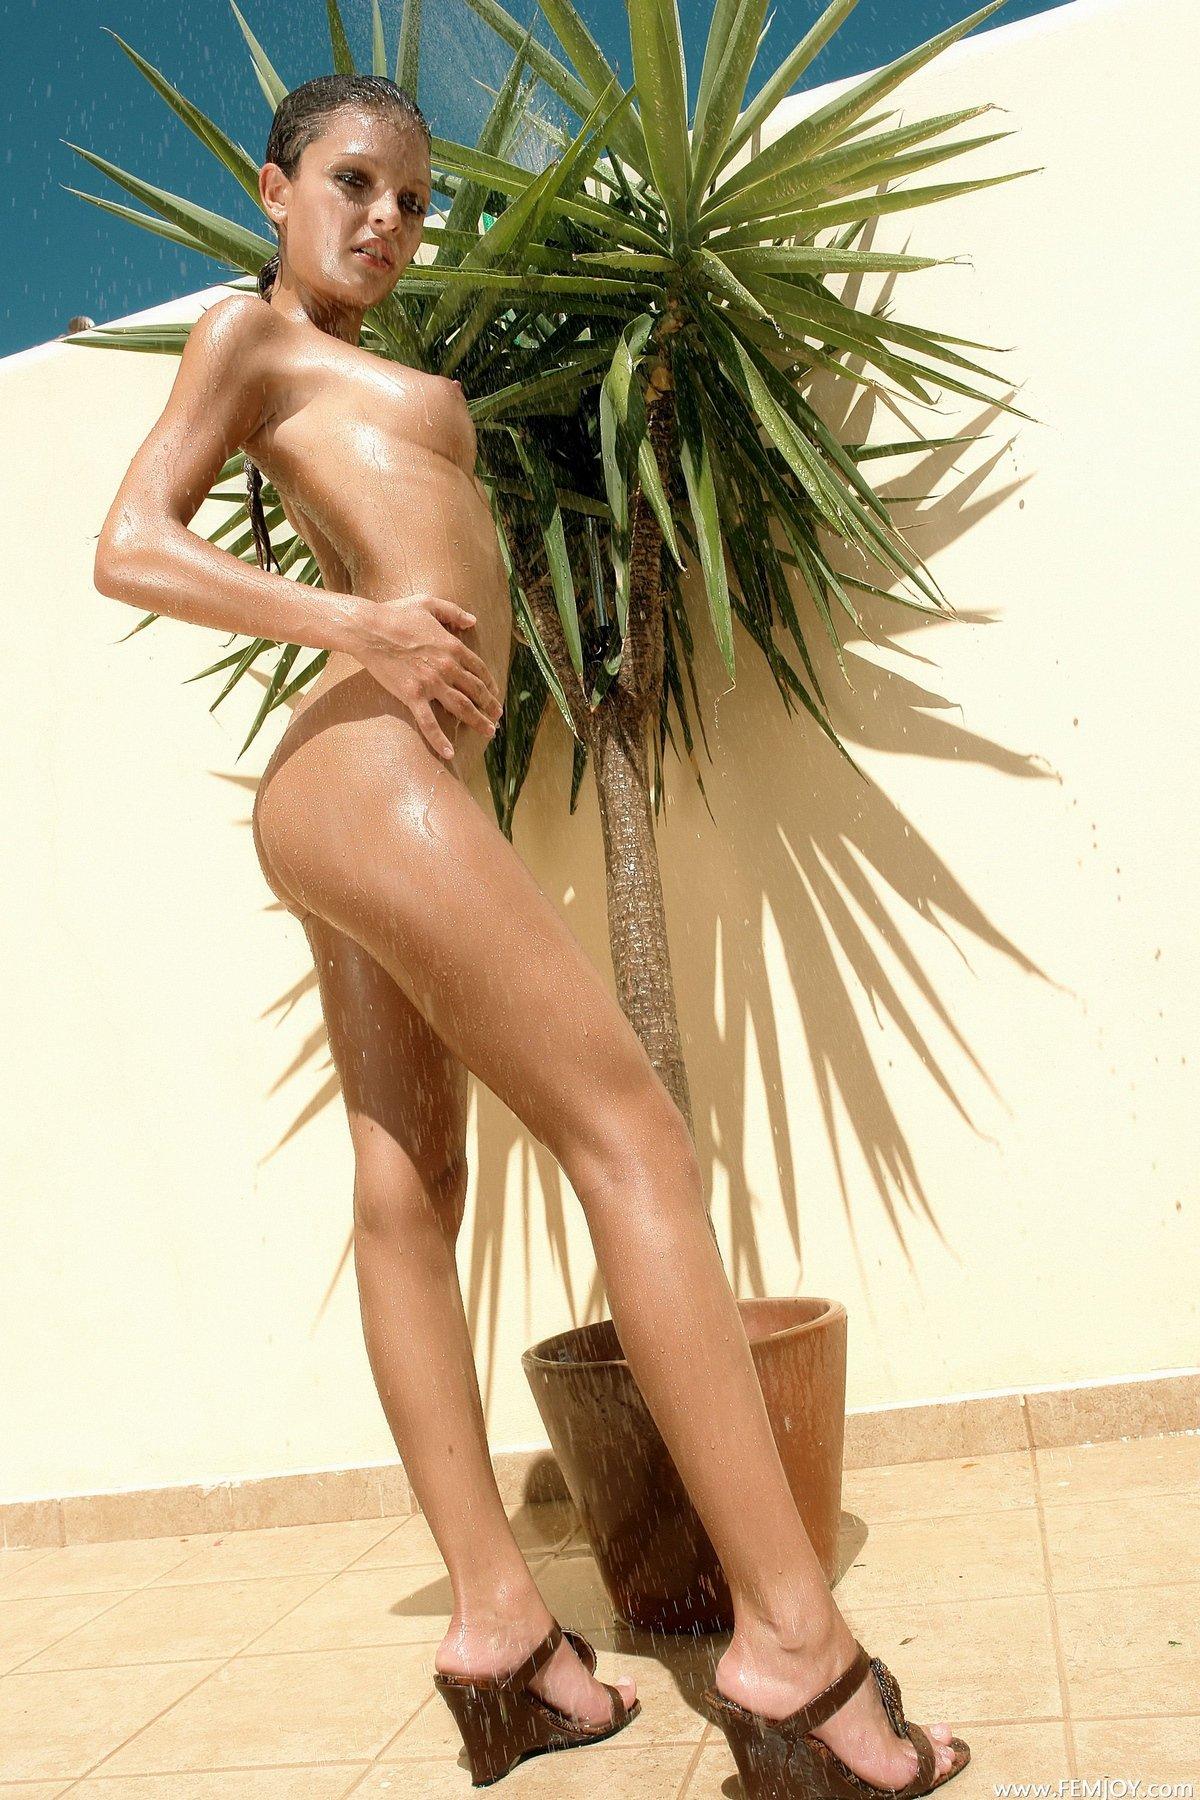 Фото молодой голой девушки под пальмой